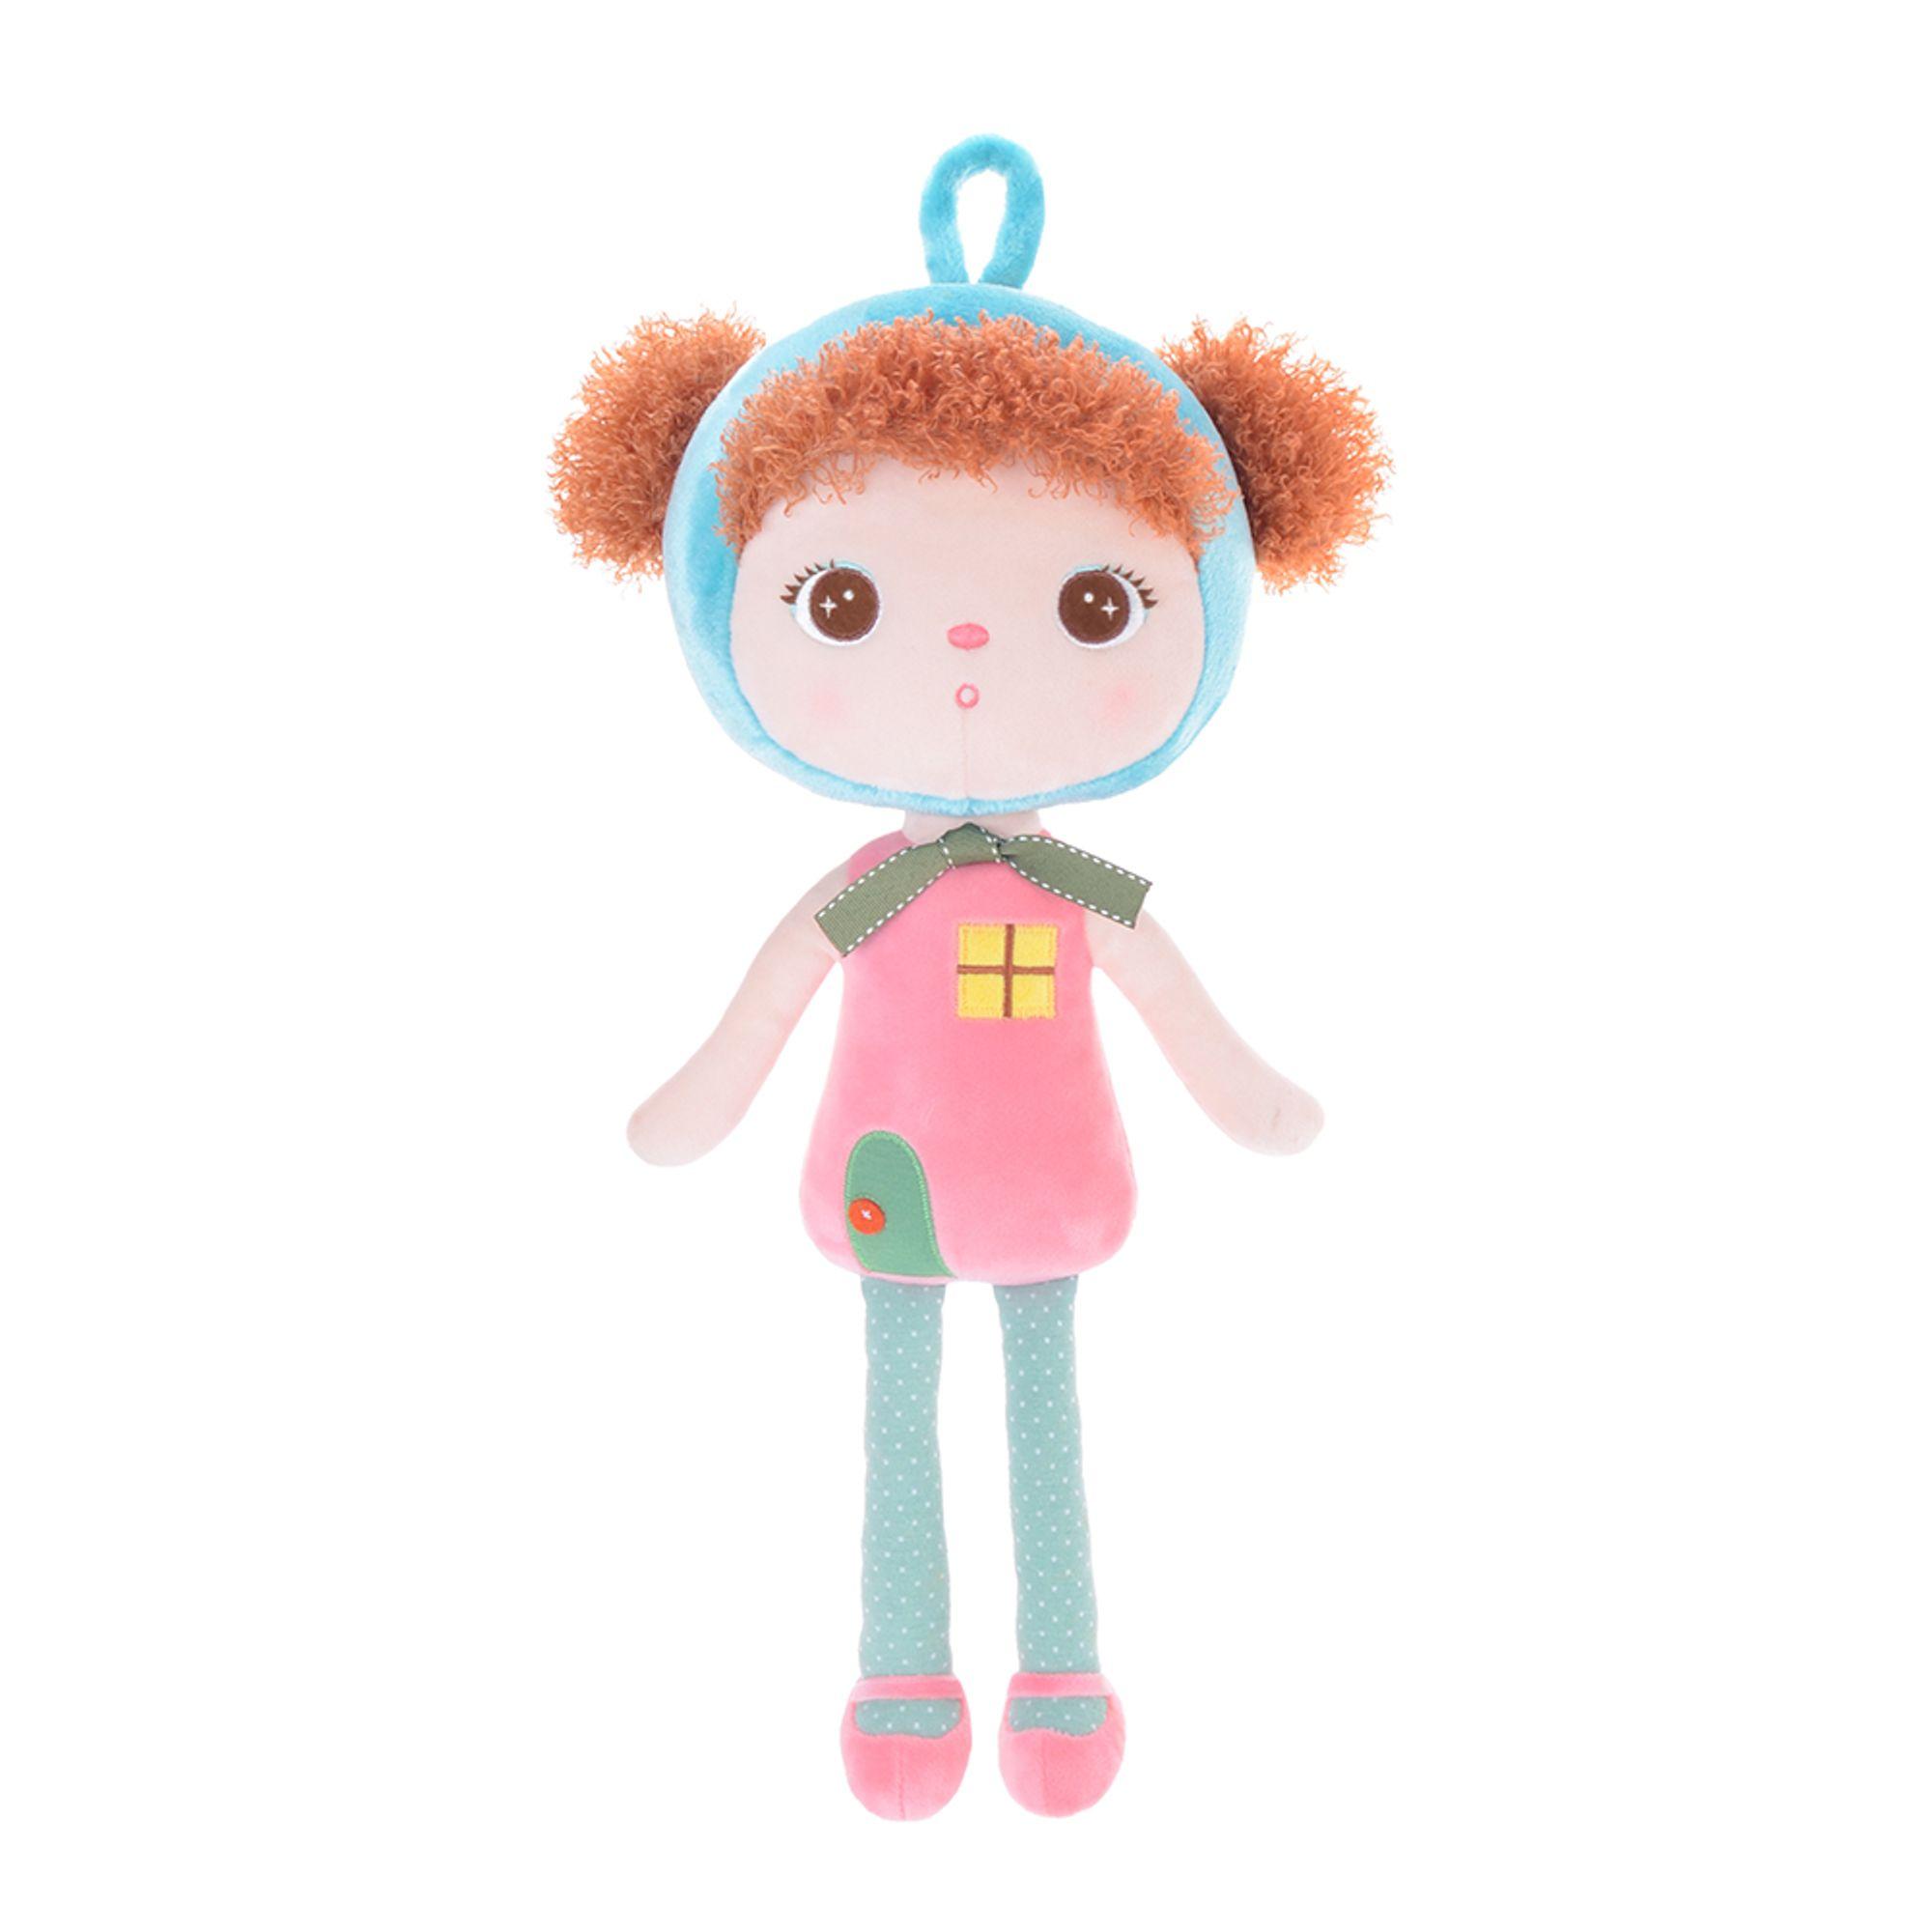 boneca-metoo-jimbao-sweet-home-ruiva-1